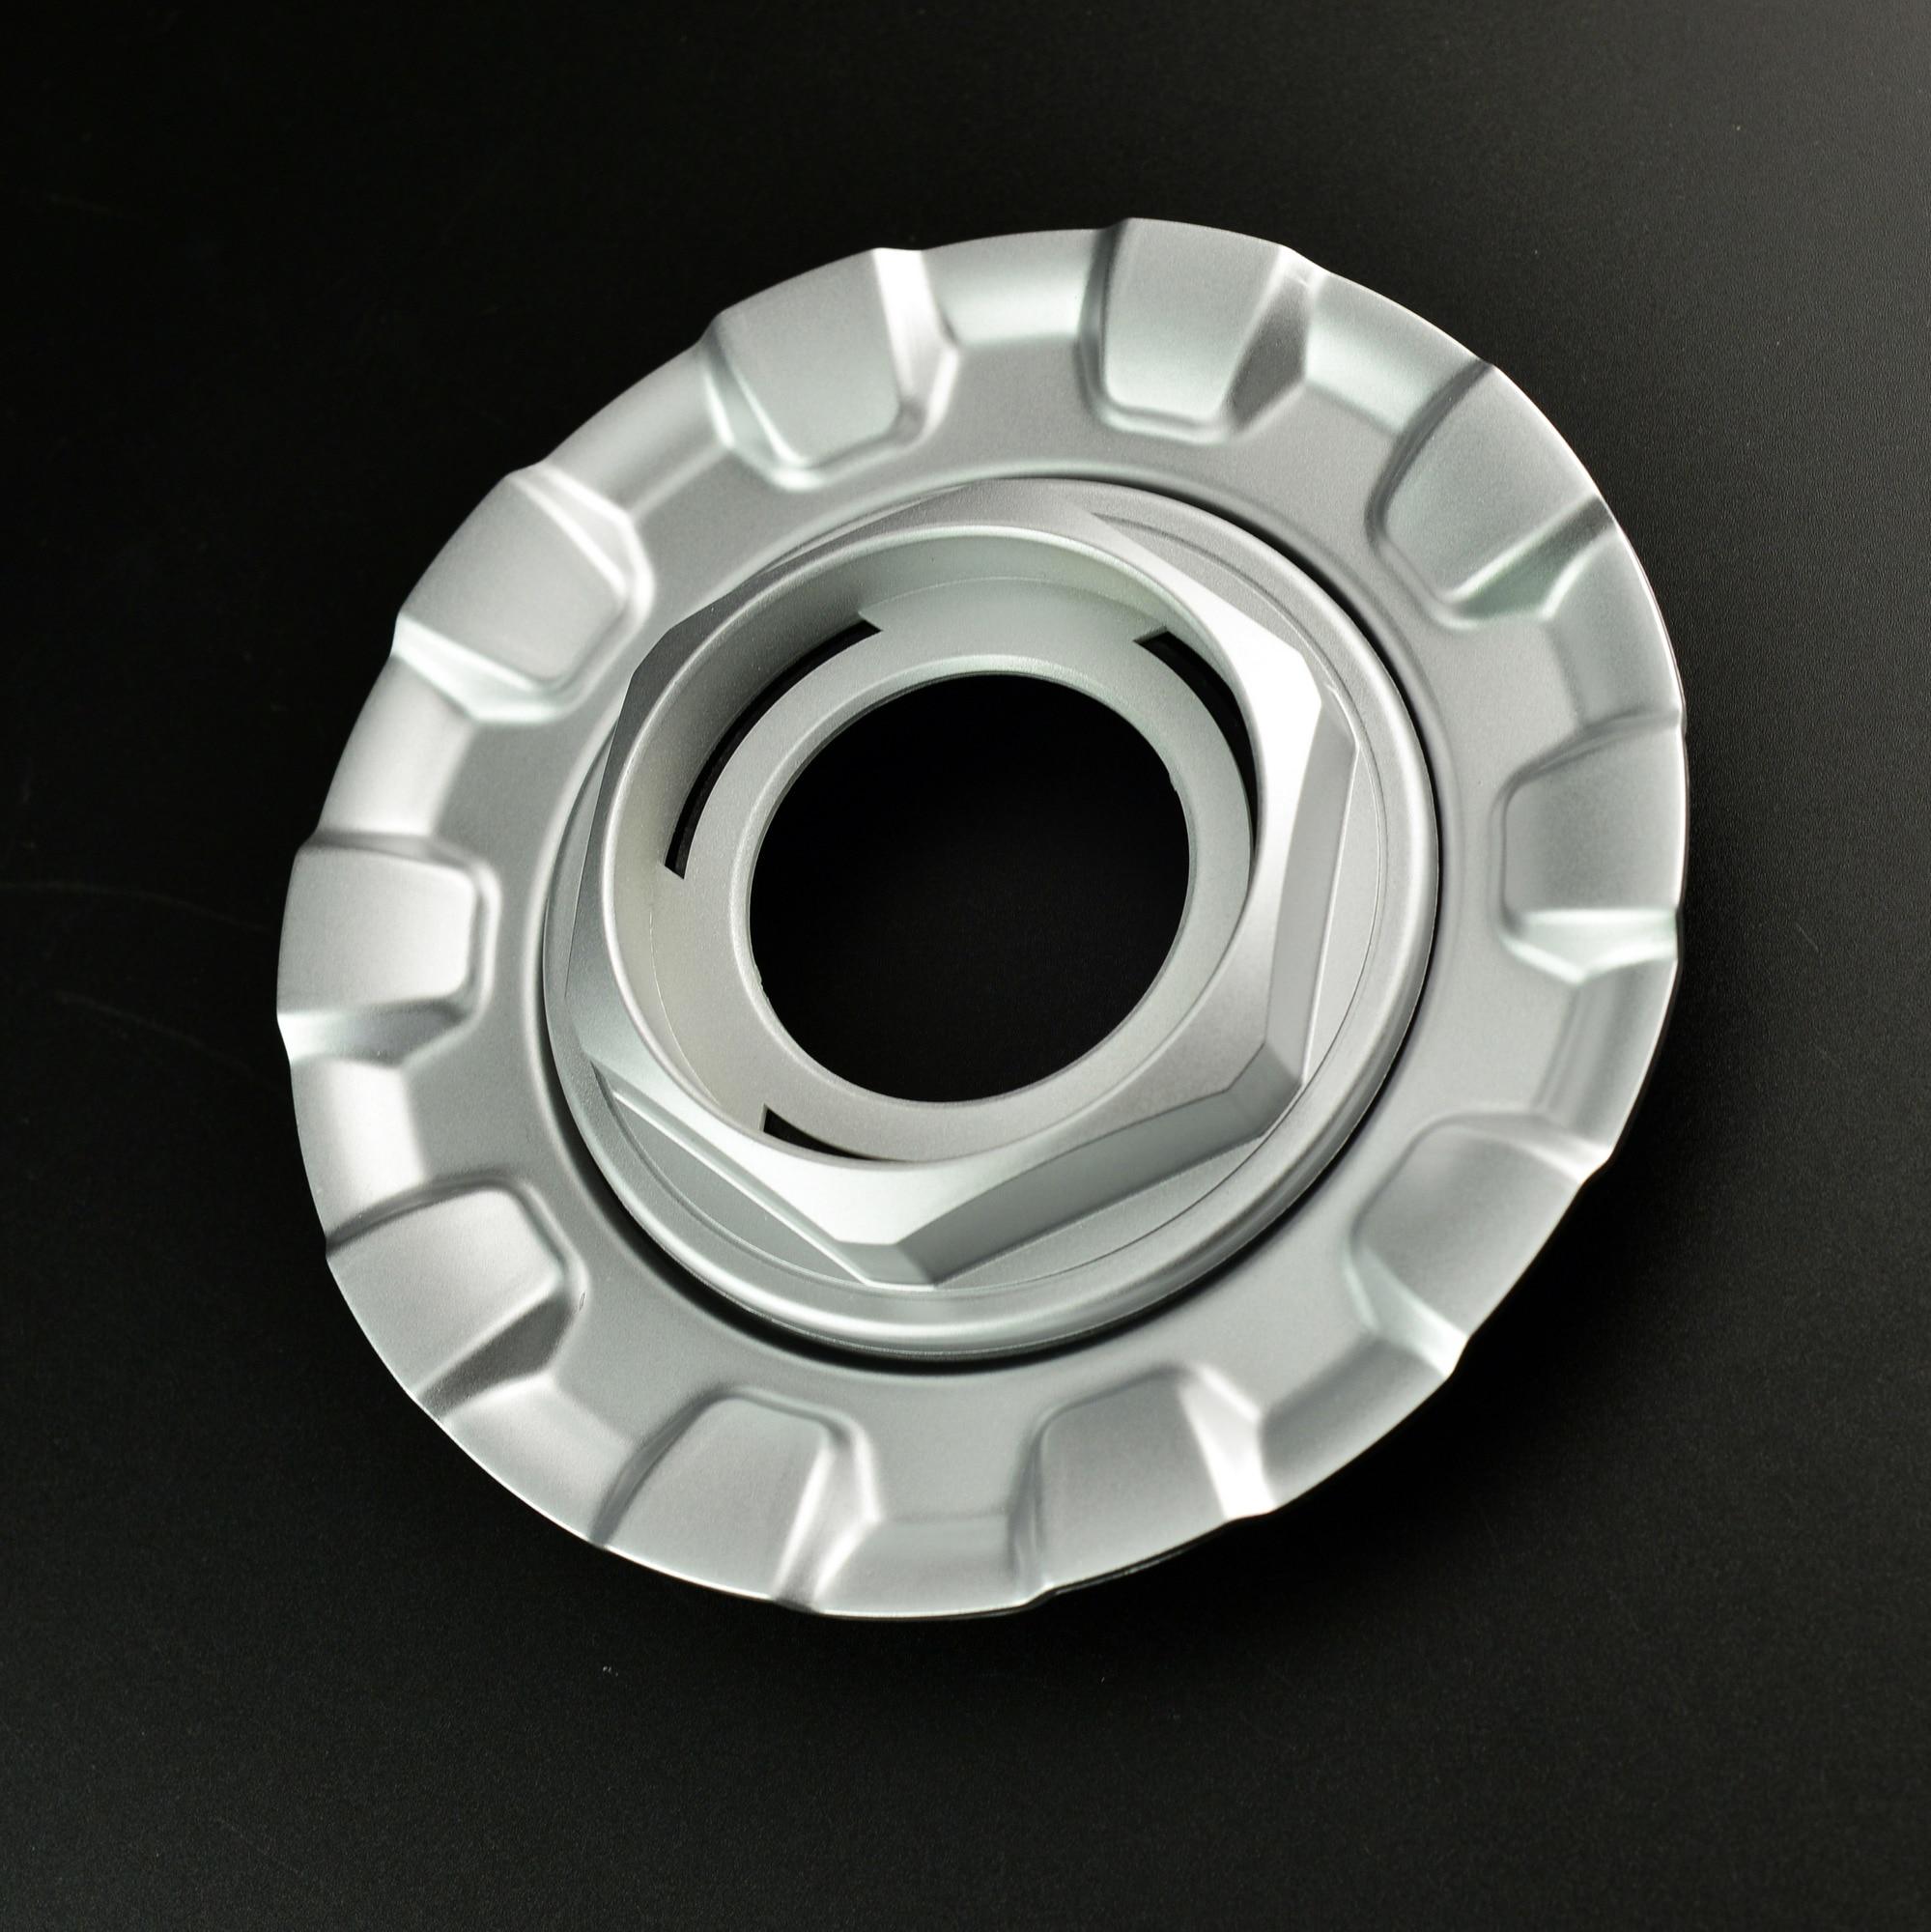 4 pcs Wheel Center Caps 162mm For BBS RZ RG 15 16 17 Rim For BMW